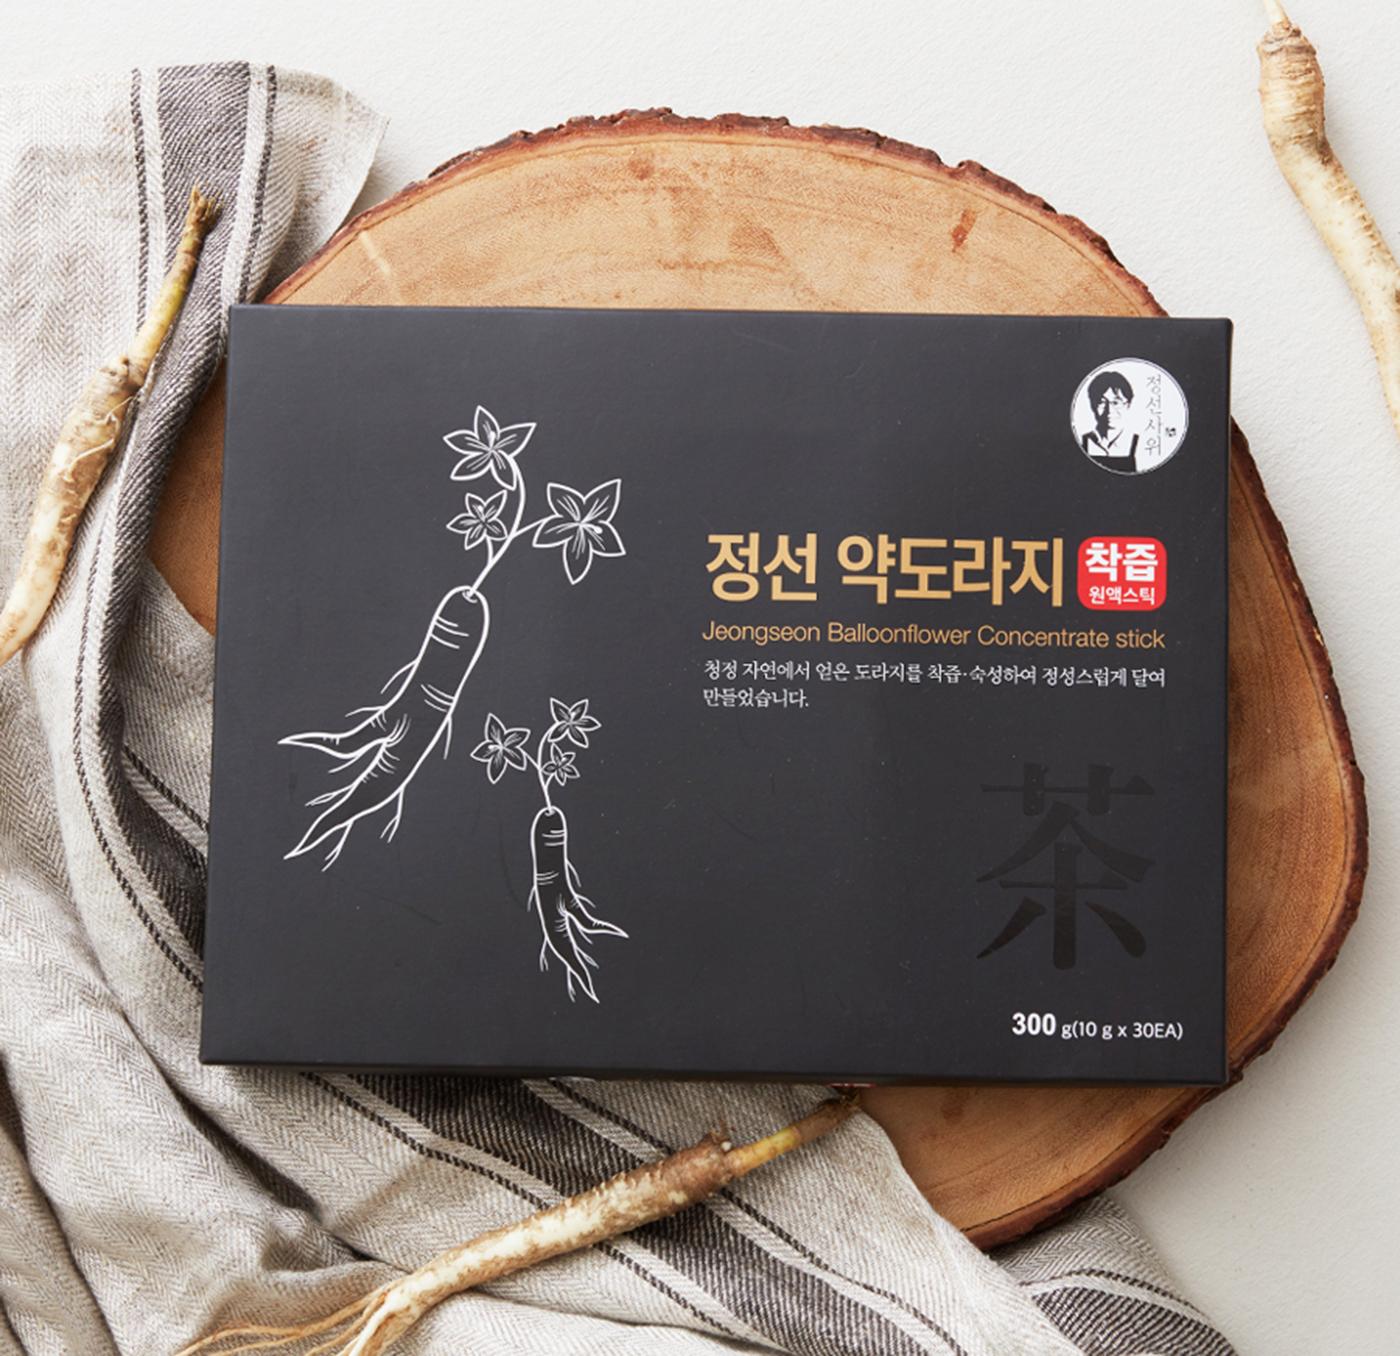 정선 약도라지 농축액 착즙원액 스틱(10g*30포) 상세이미지1